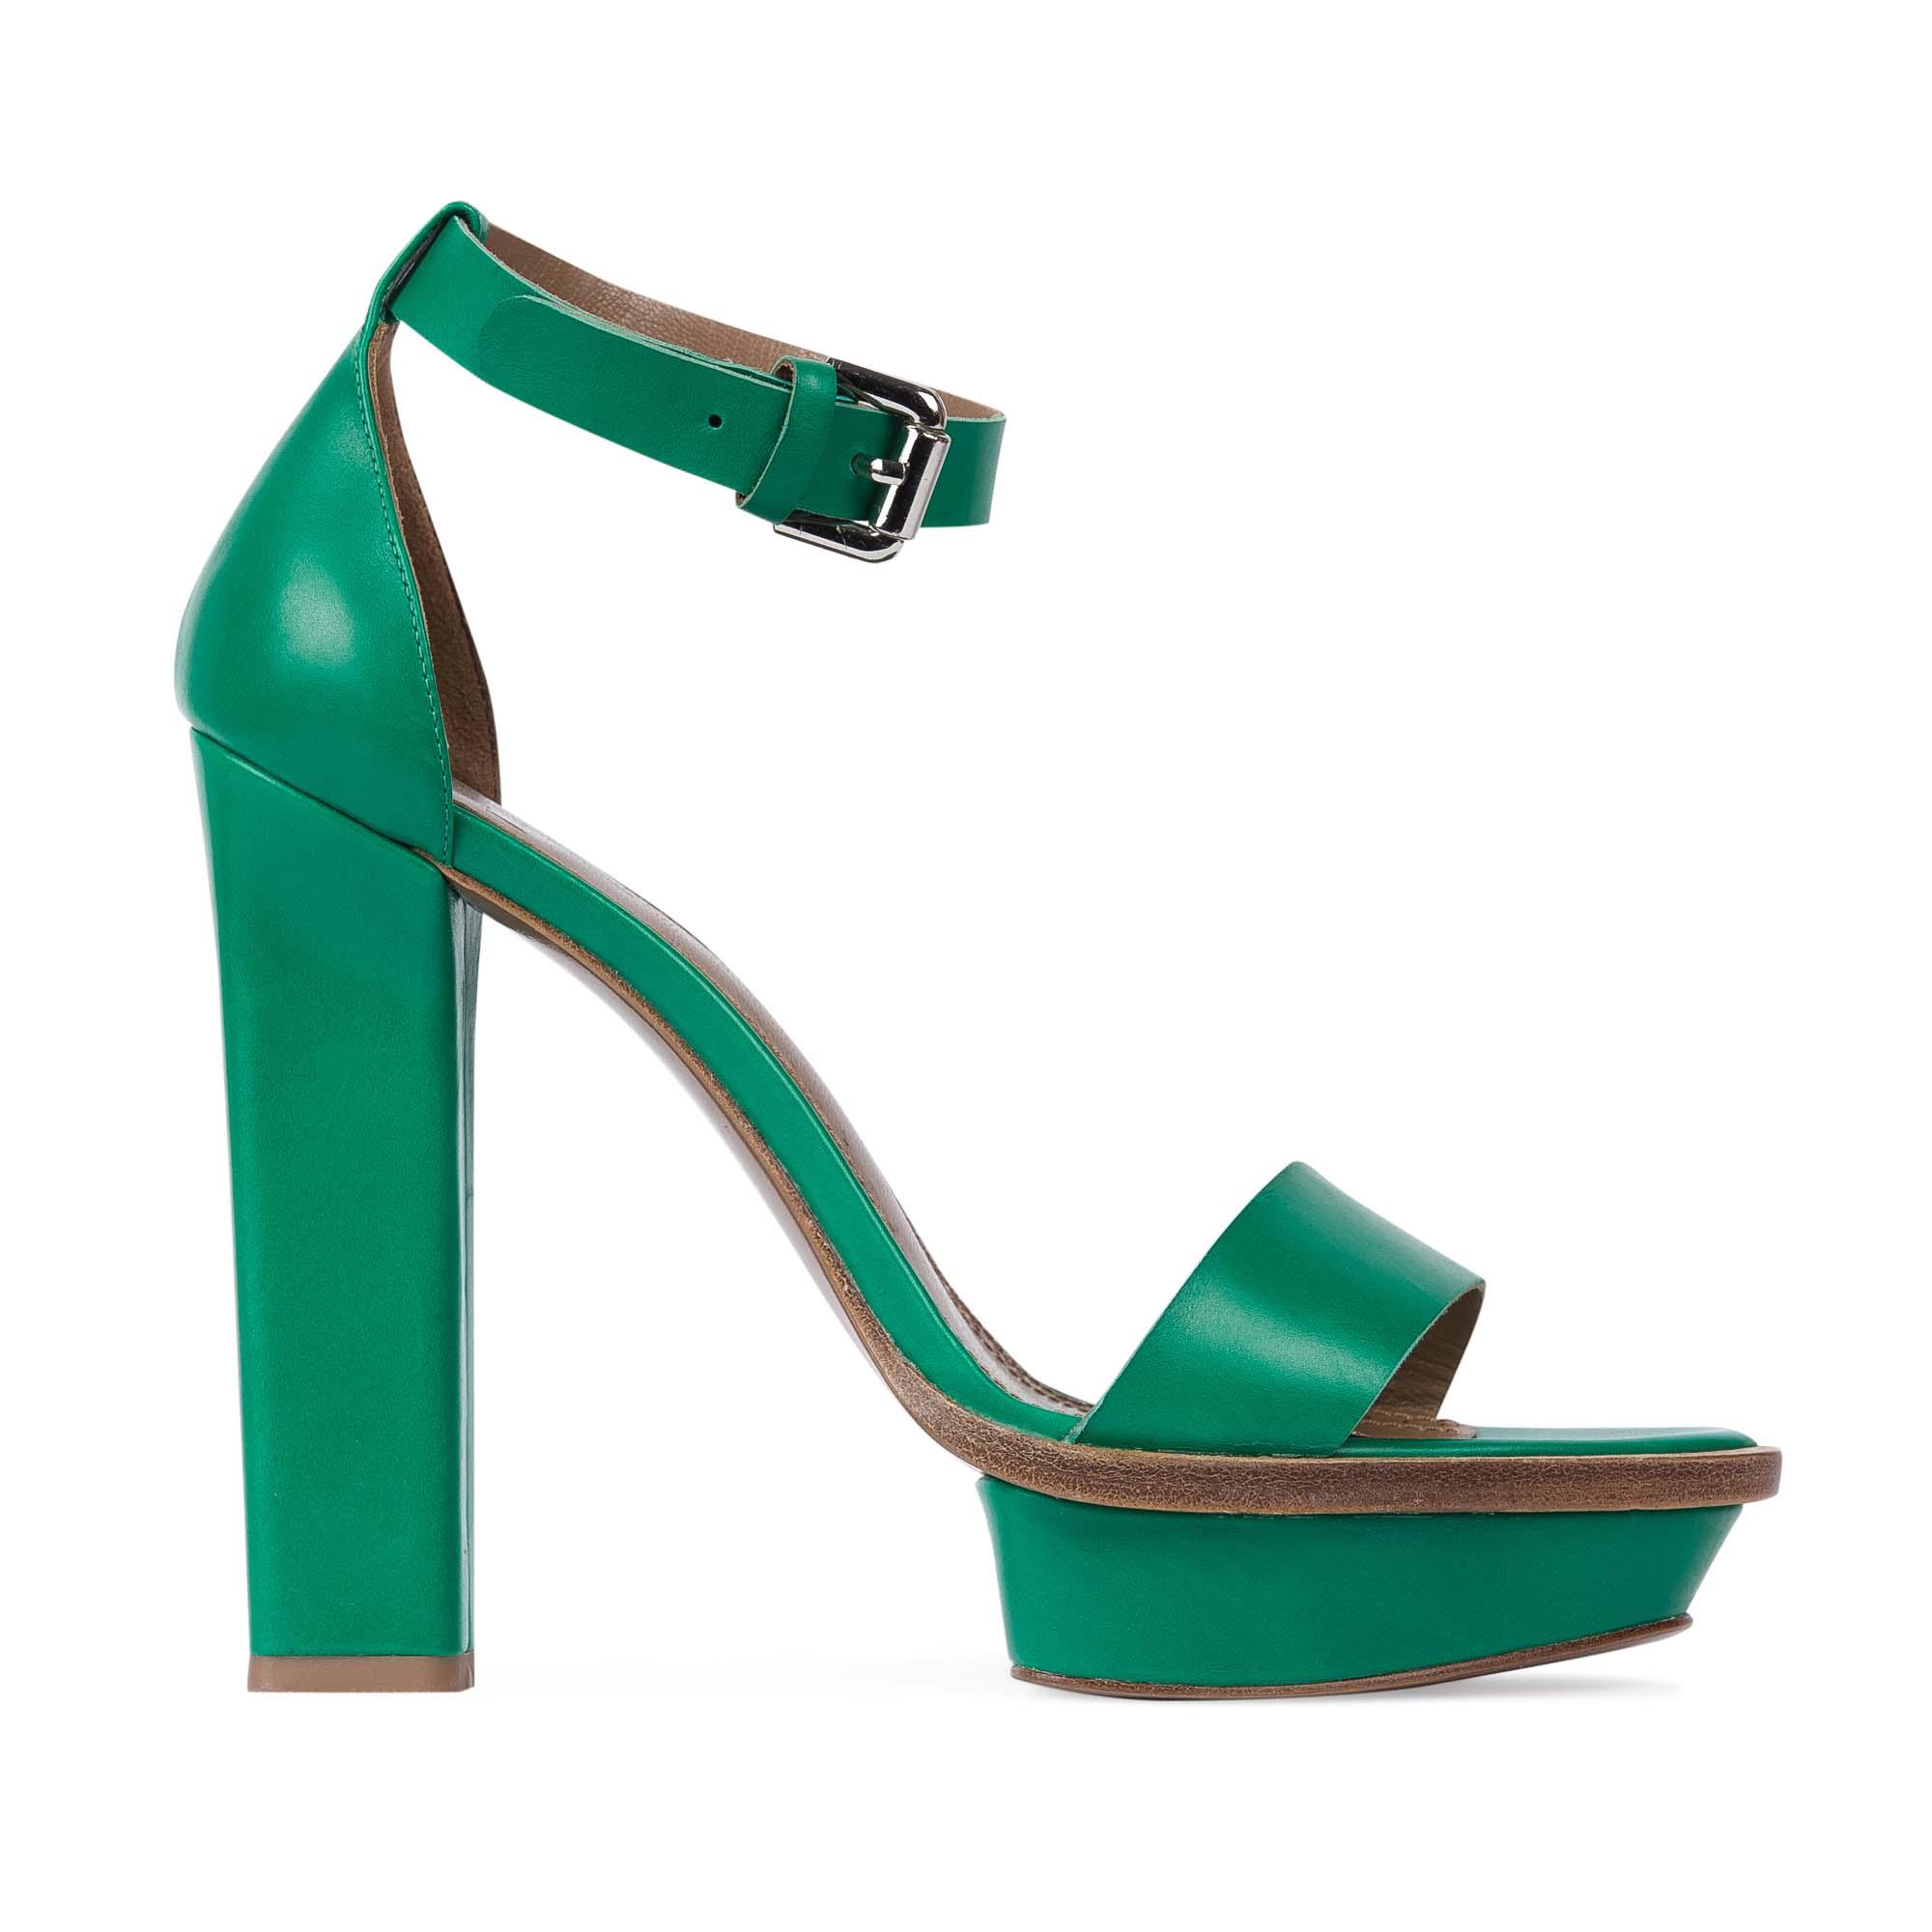 Босоножки из кожи изумрудного цвета на устойчивом каблукеБосоножки женские<br><br>Материал верха: Кожа<br>Материал подкладки: Кожа<br>Материал подошвы: Кожа<br>Цвет: Зеленый<br>Высота каблука: 13 см<br>Дизайн: Италия<br>Страна производства: Китай<br><br>Высота каблука: 13 см<br>Материал верха: Кожа<br>Материал подкладки: Кожа<br>Цвет: Зеленый<br>Вес кг: 0.67600000<br>Выберите размер обуви: 39